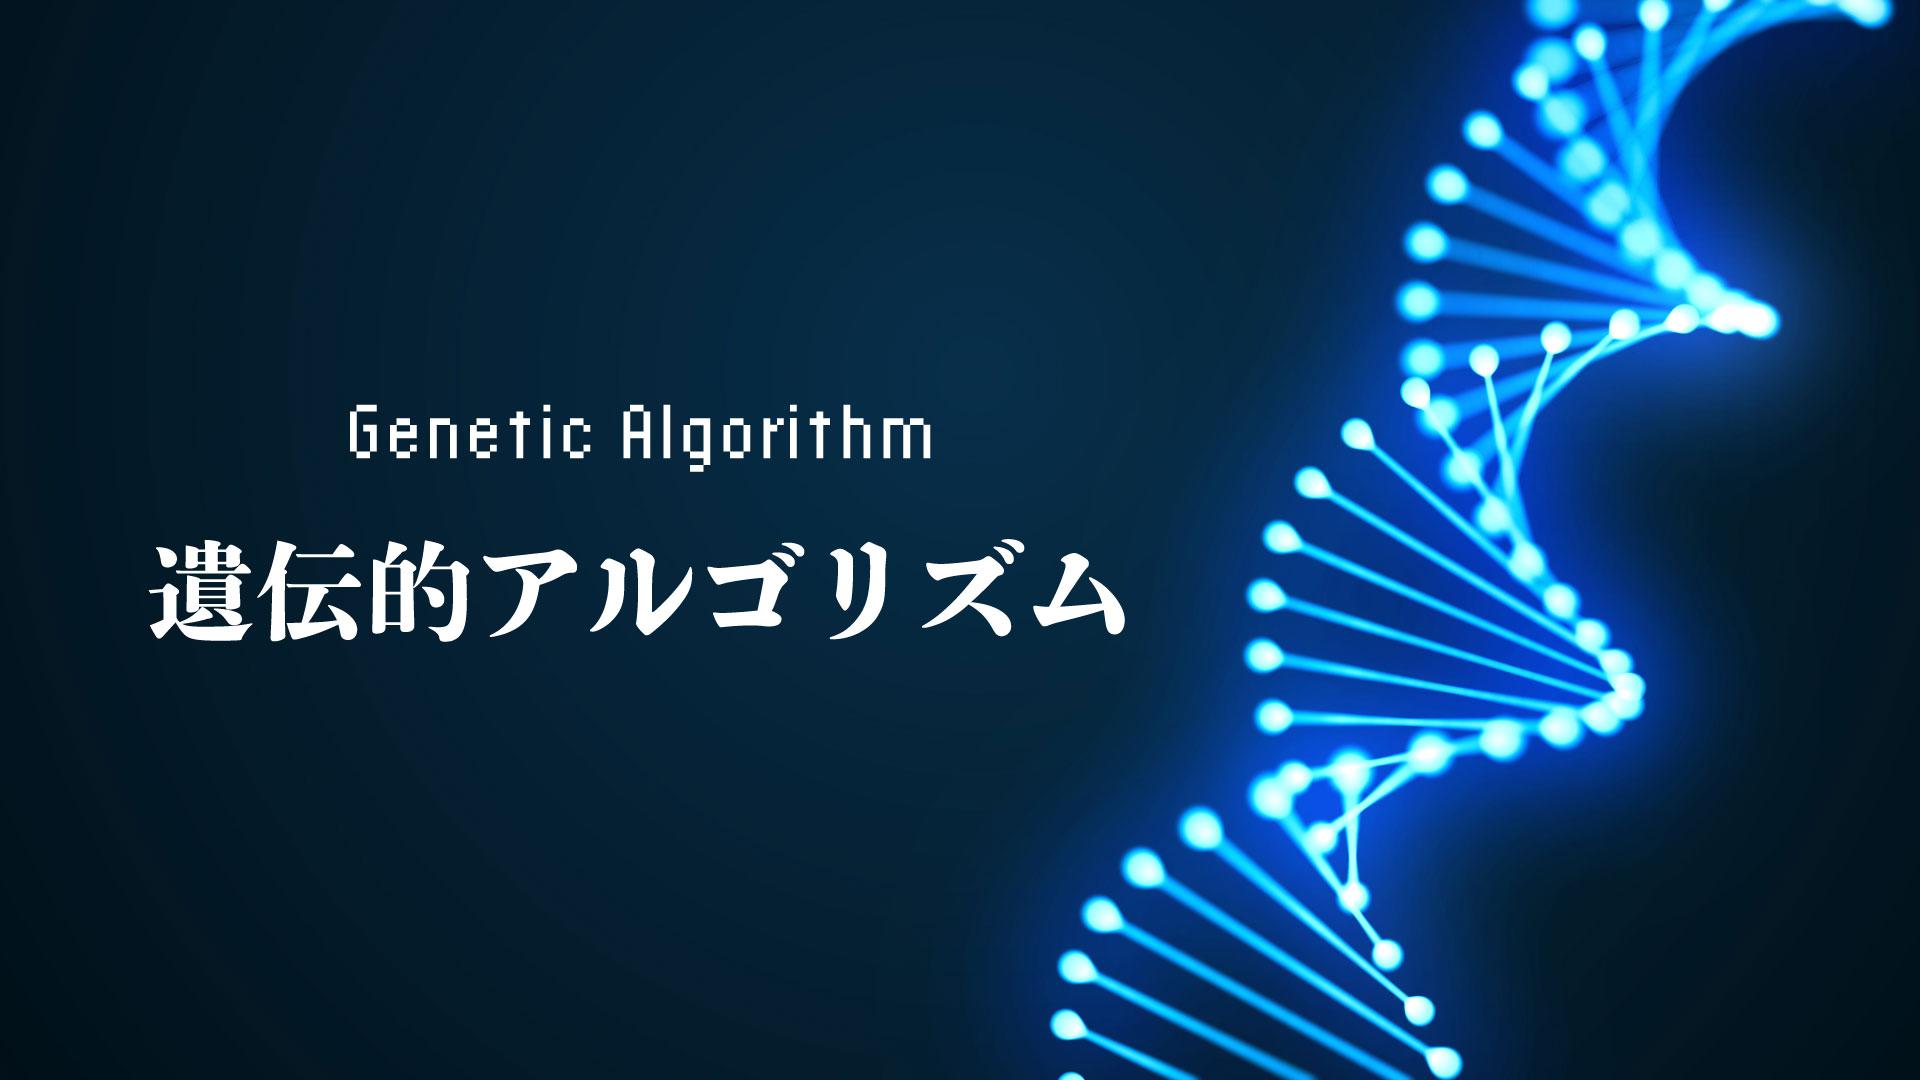 アルゴリズム 遺伝子 遺伝的アルゴリズムで優秀なFlappy birdを作るゲーム